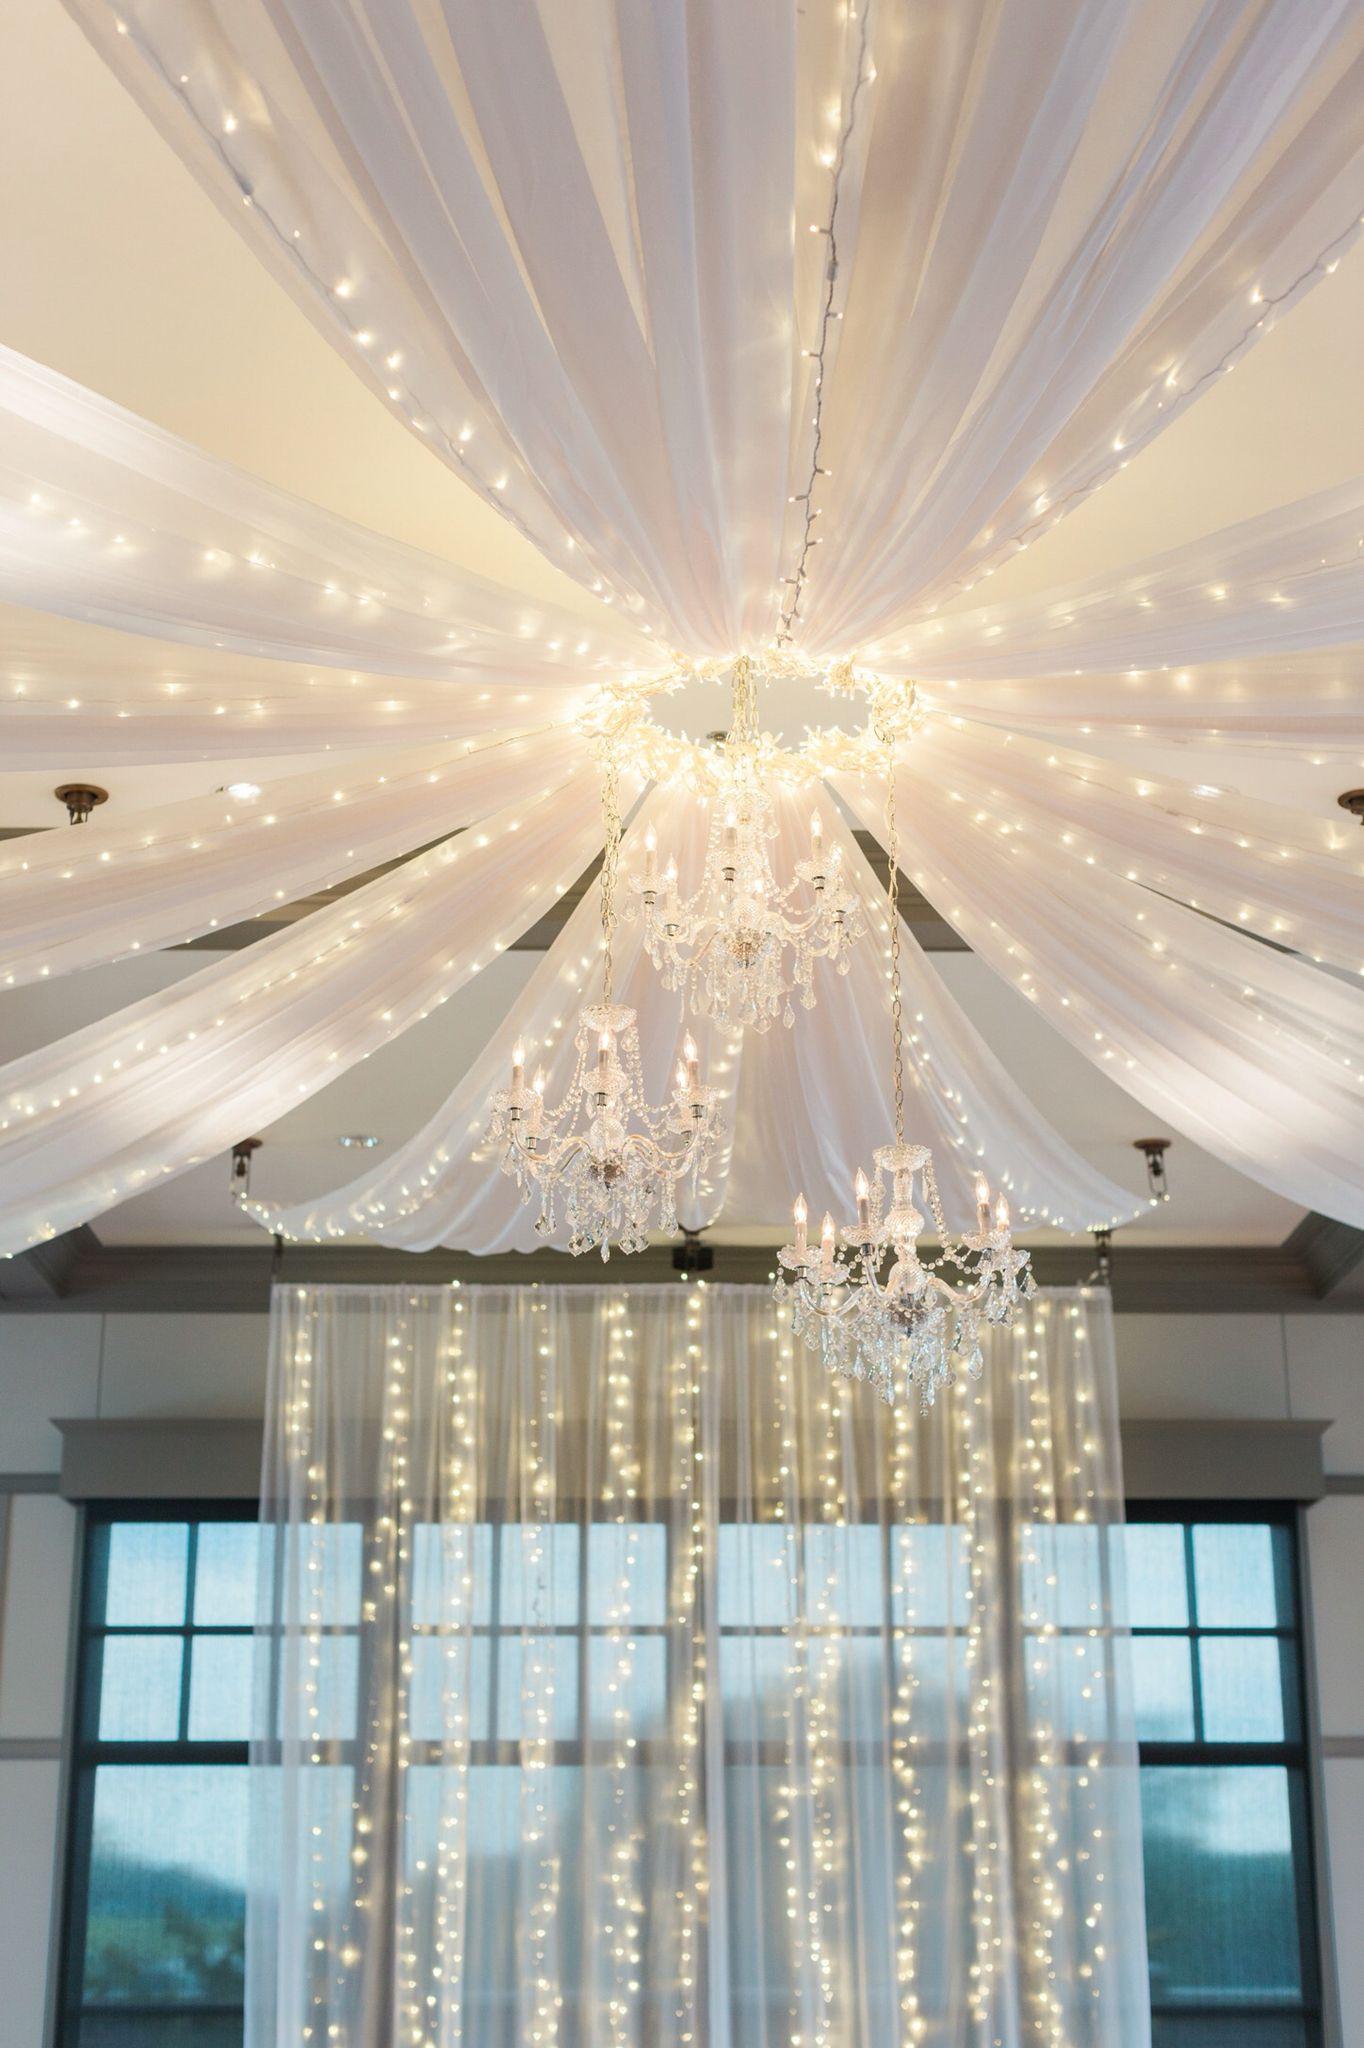 Pin By Laura Sanchez On Wedding Ideas Wedding Venue Decorations Wedding Venues Unique Wedding Receptions